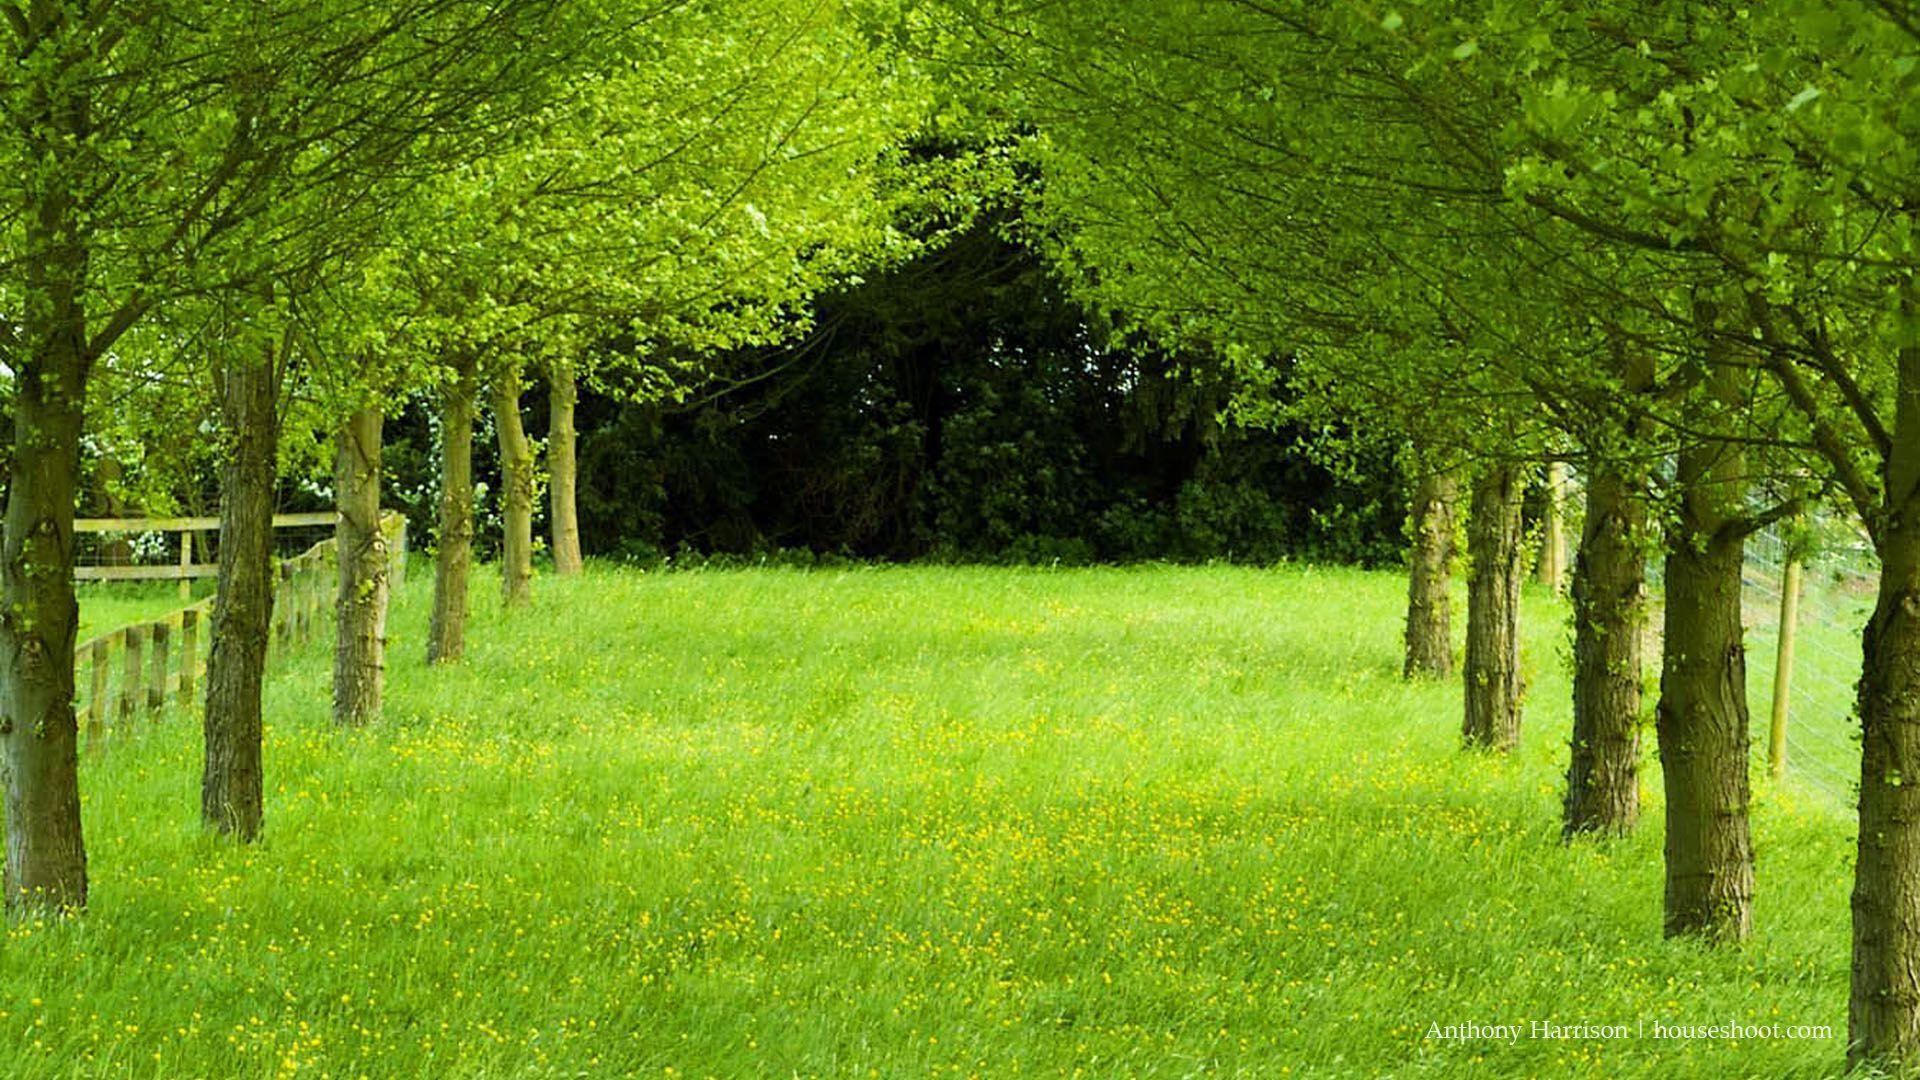 wallpaper hd,natural landscape,green,tree,nature,natural environment